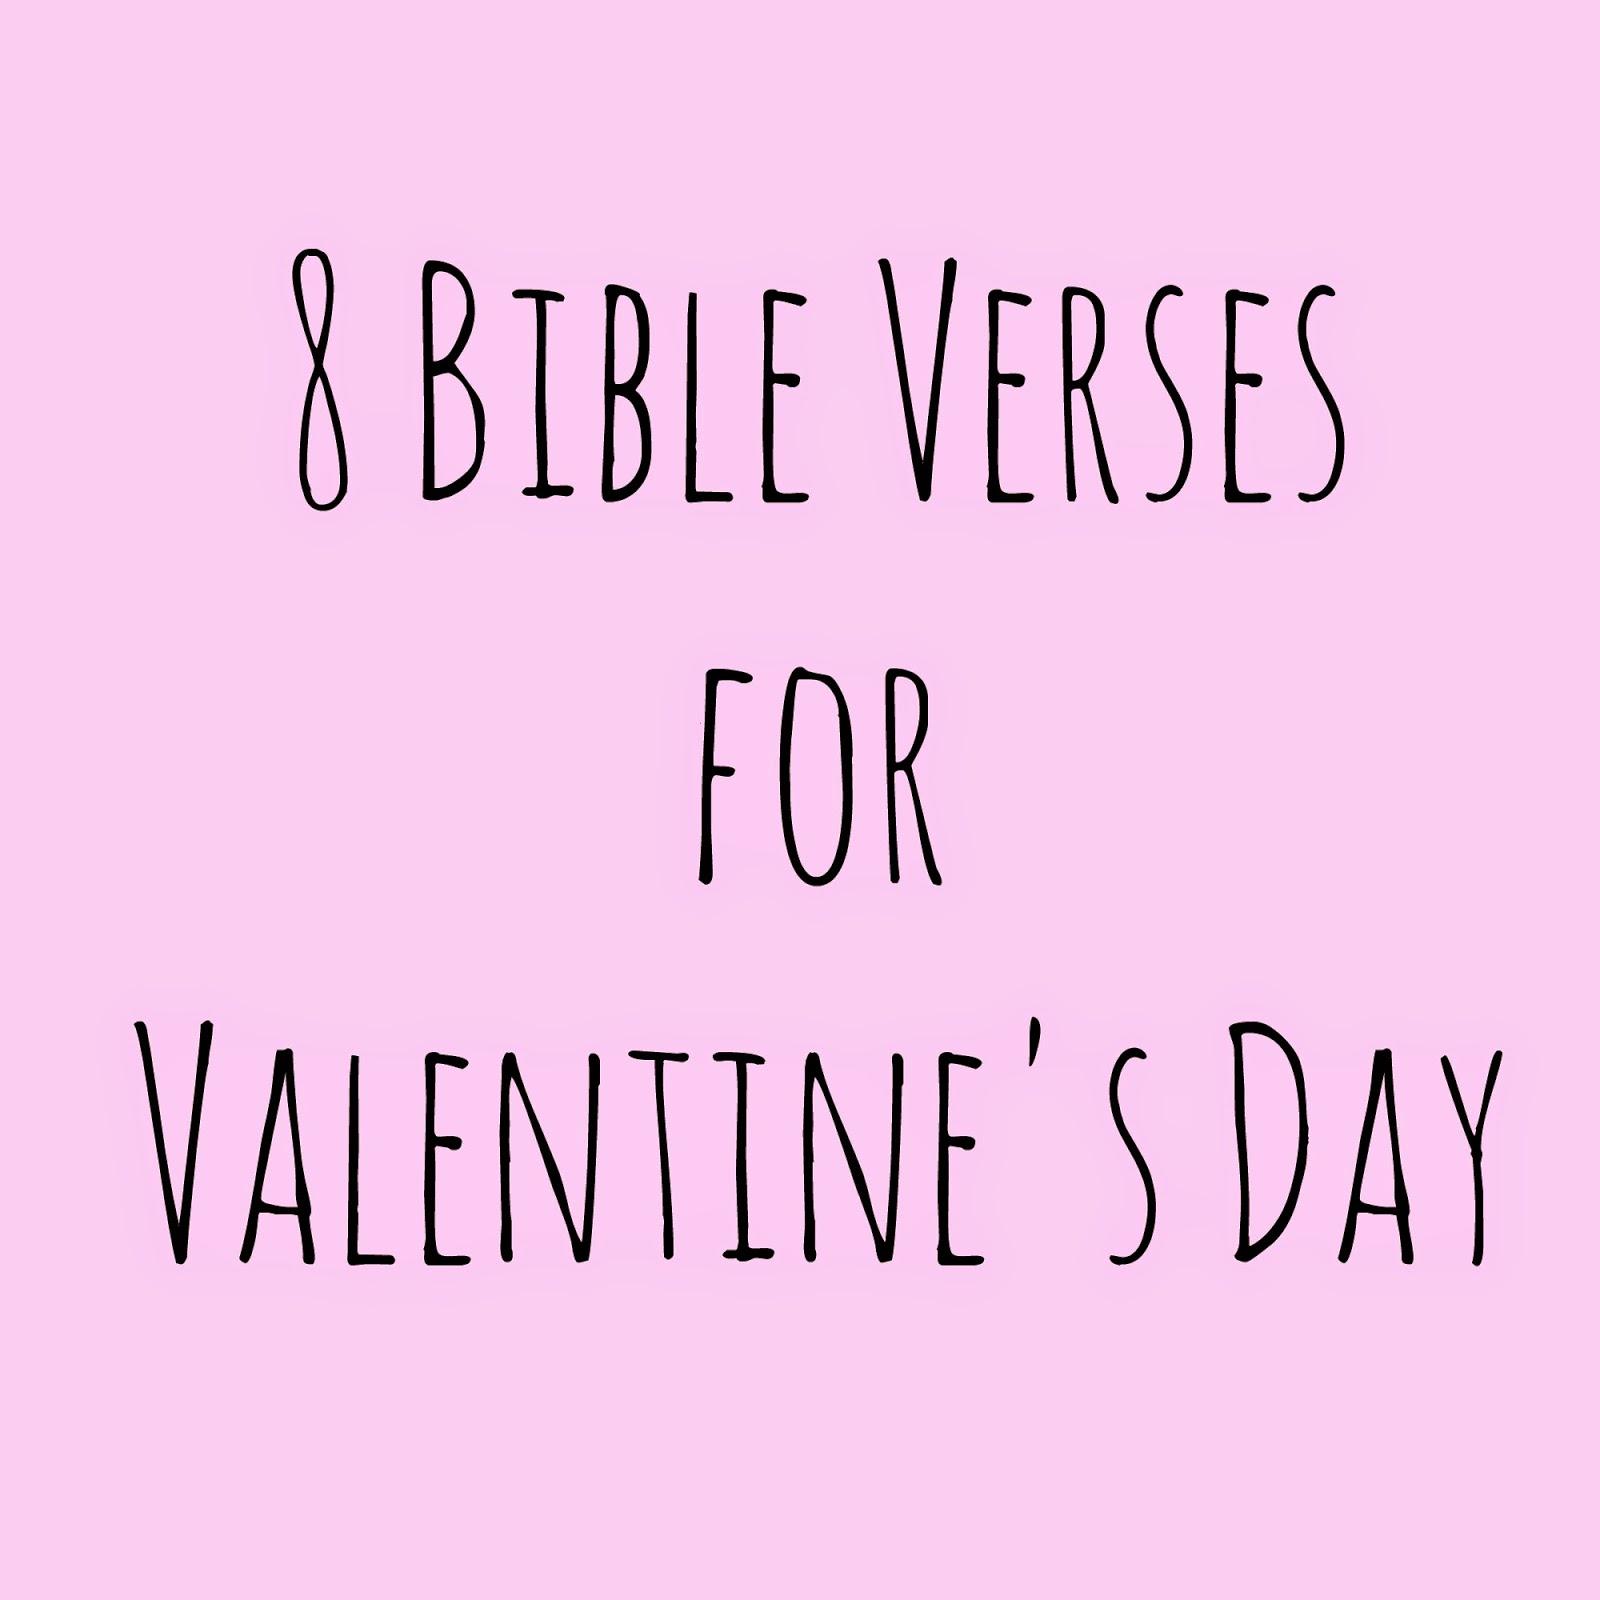 della devoted!: 8 bible verses for valentine's day, Ideas